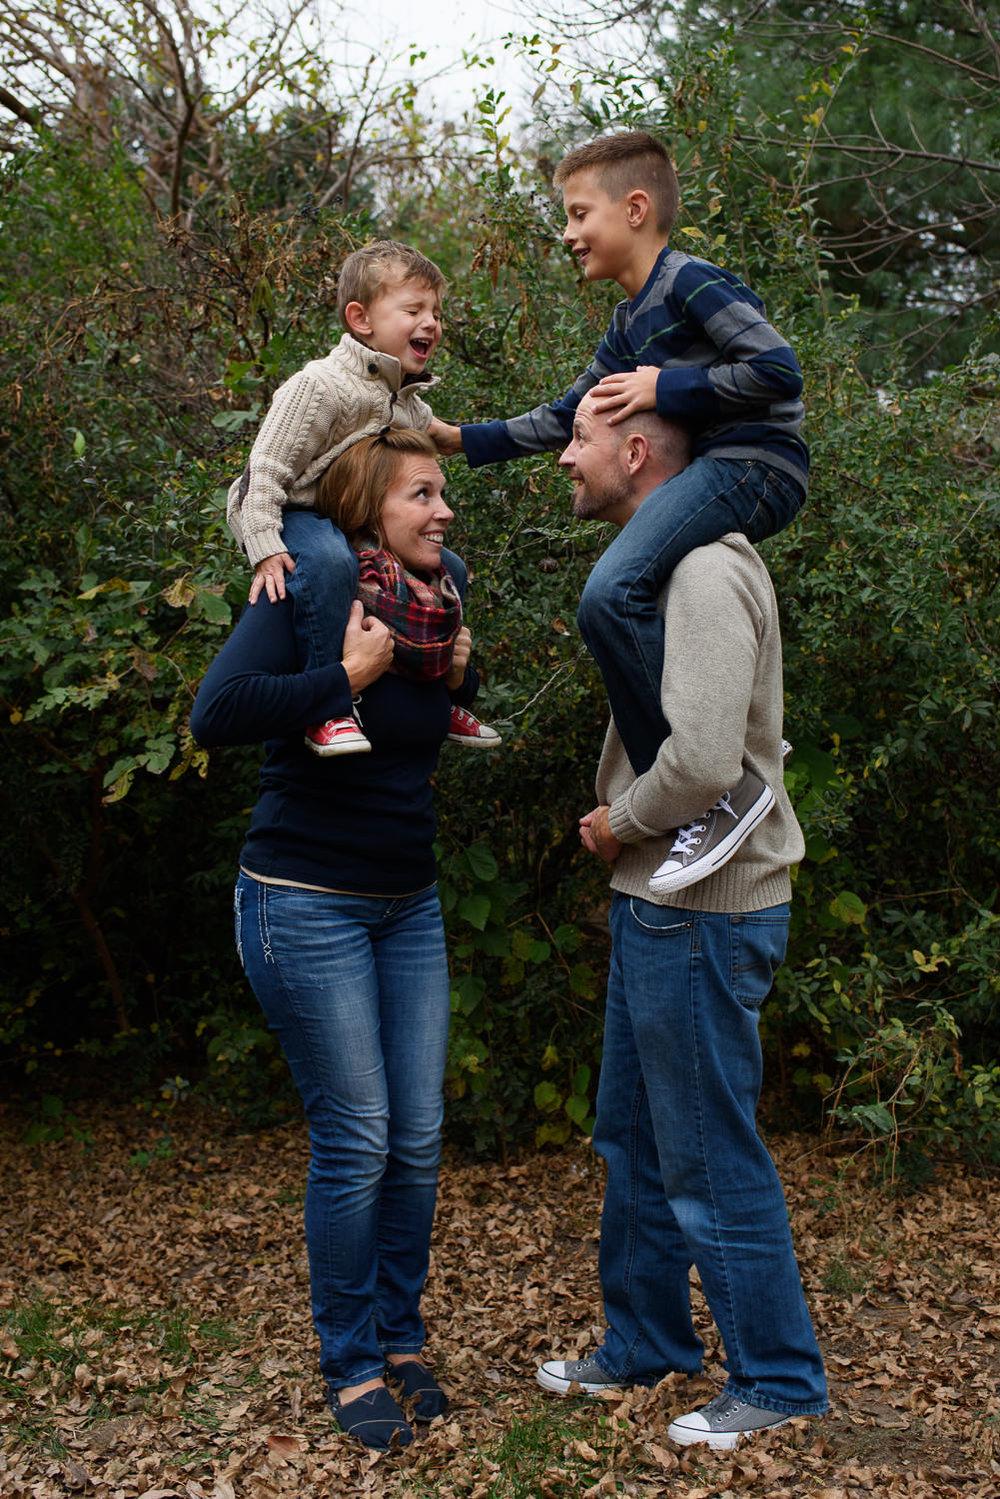 Misty-Prochaska-Lincoln-Nebraska-family-photographer-family-sessions-13.jpg